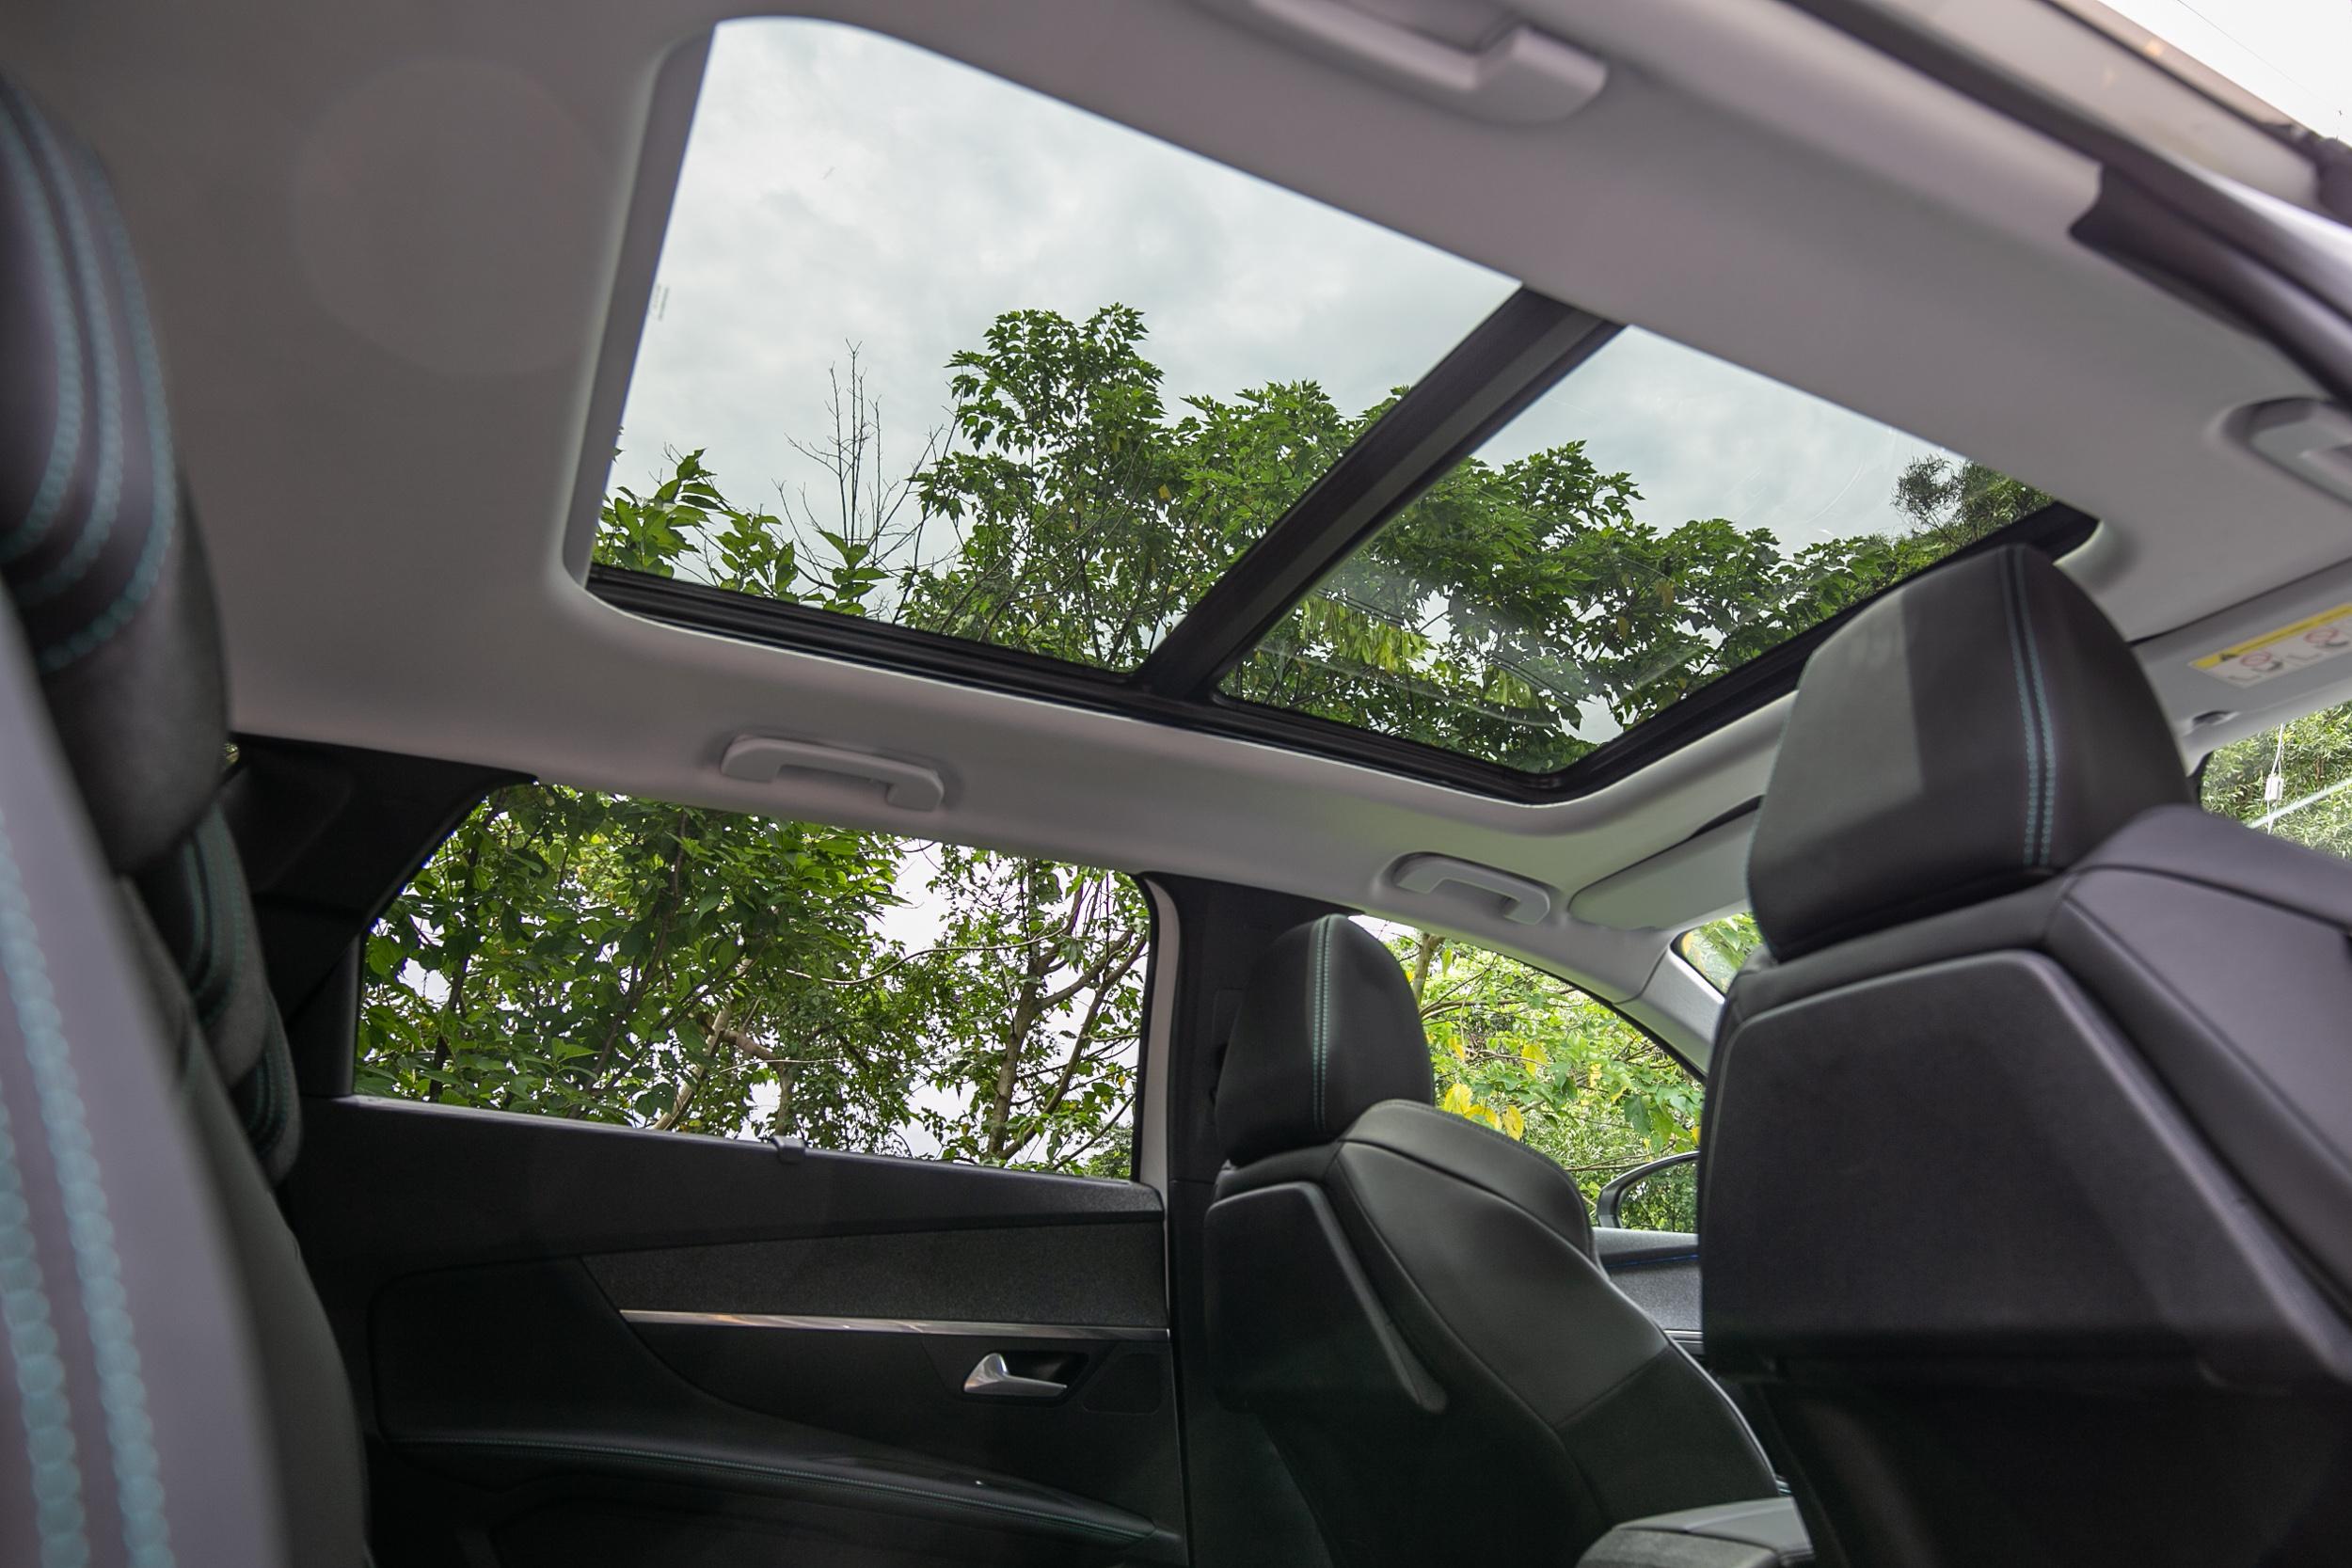 試駕車型選配全景式天窗。